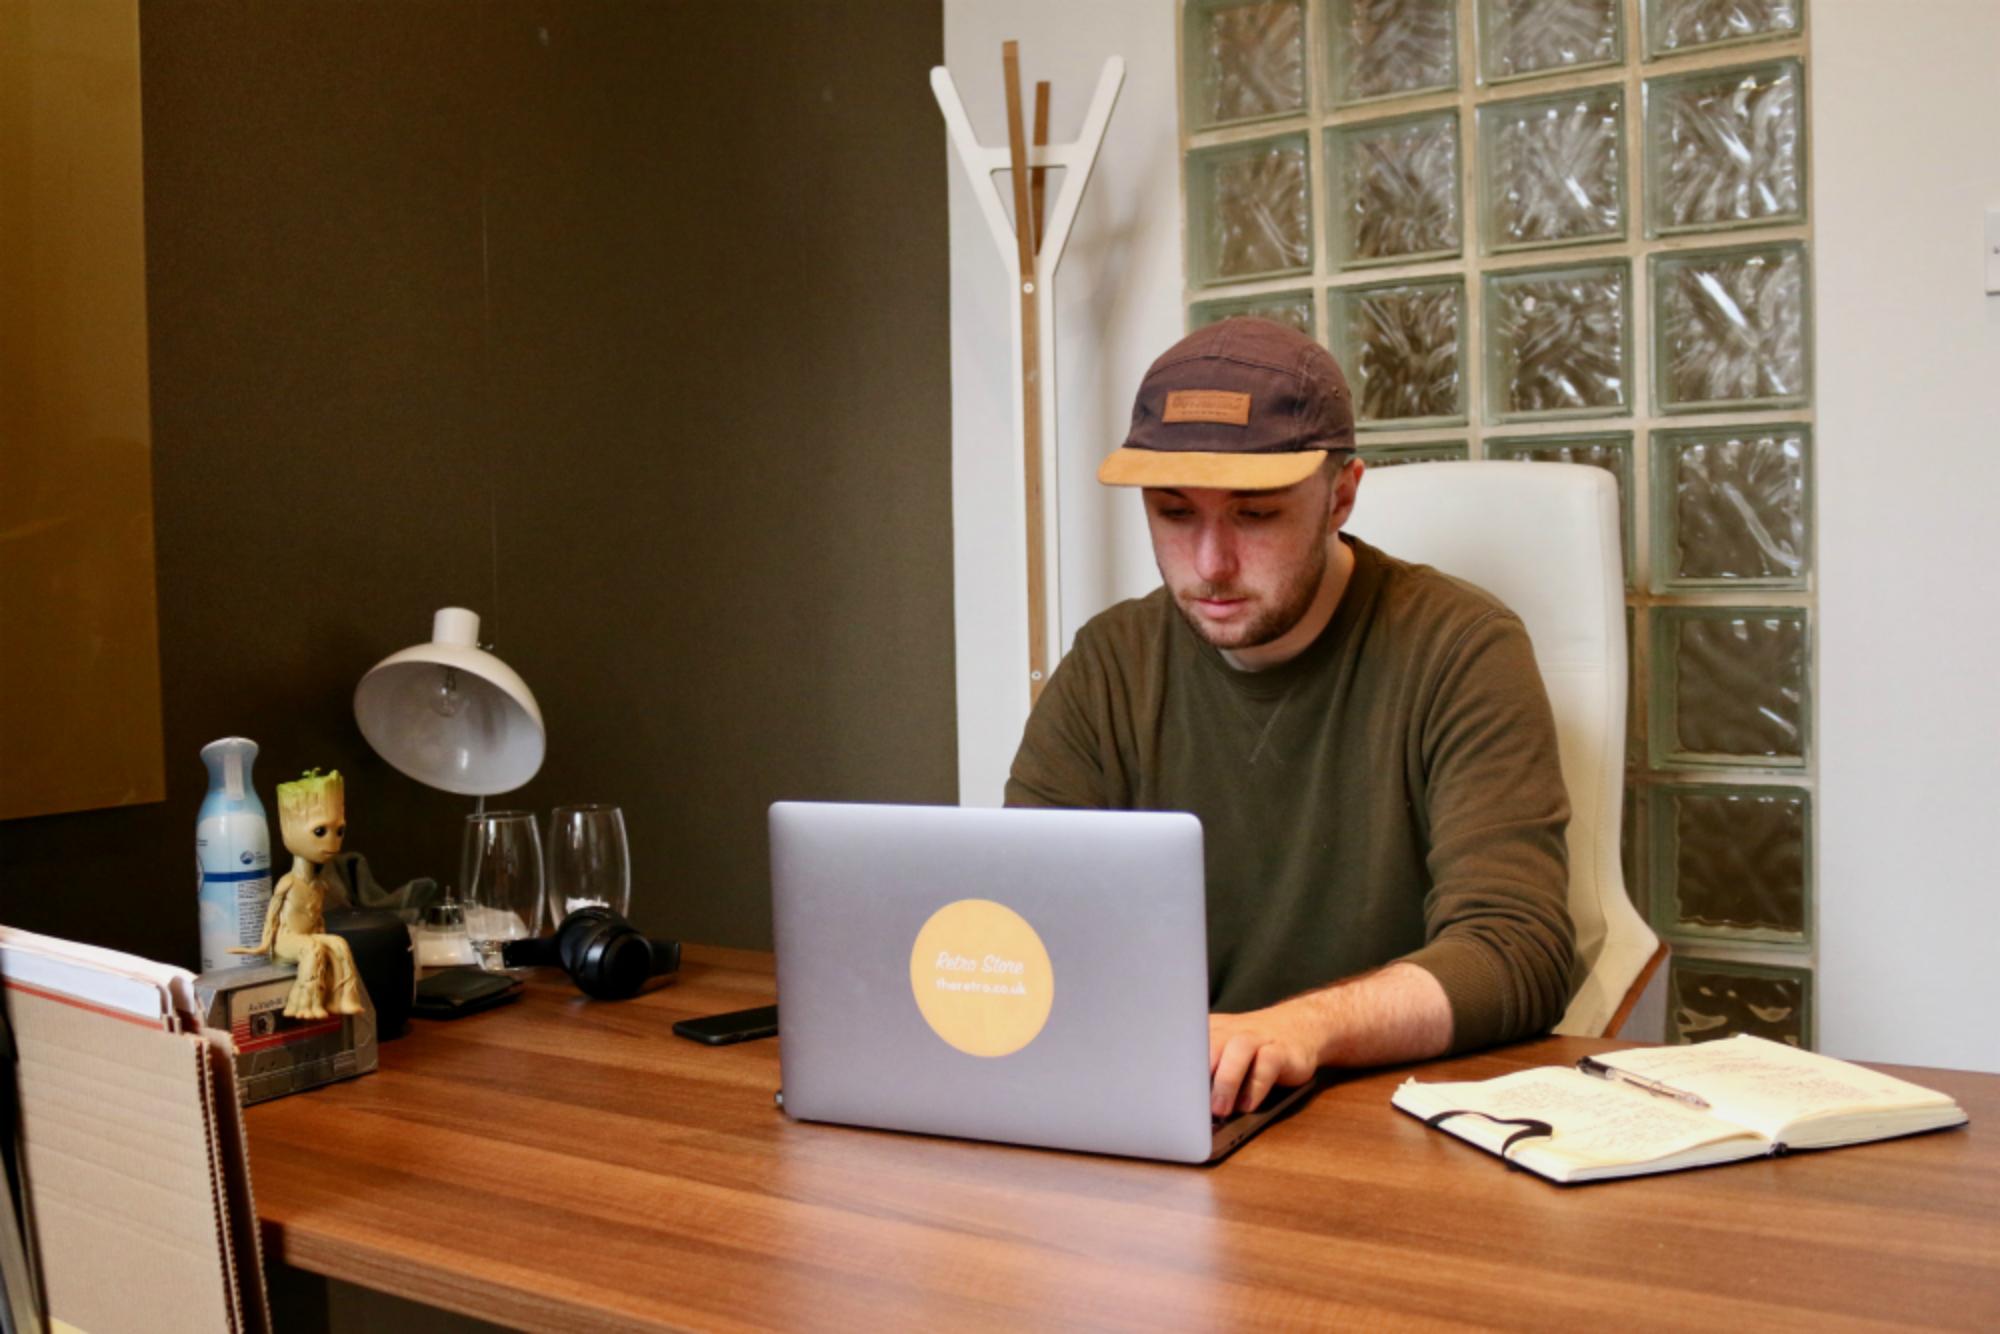 The Retro | Meet The Maker